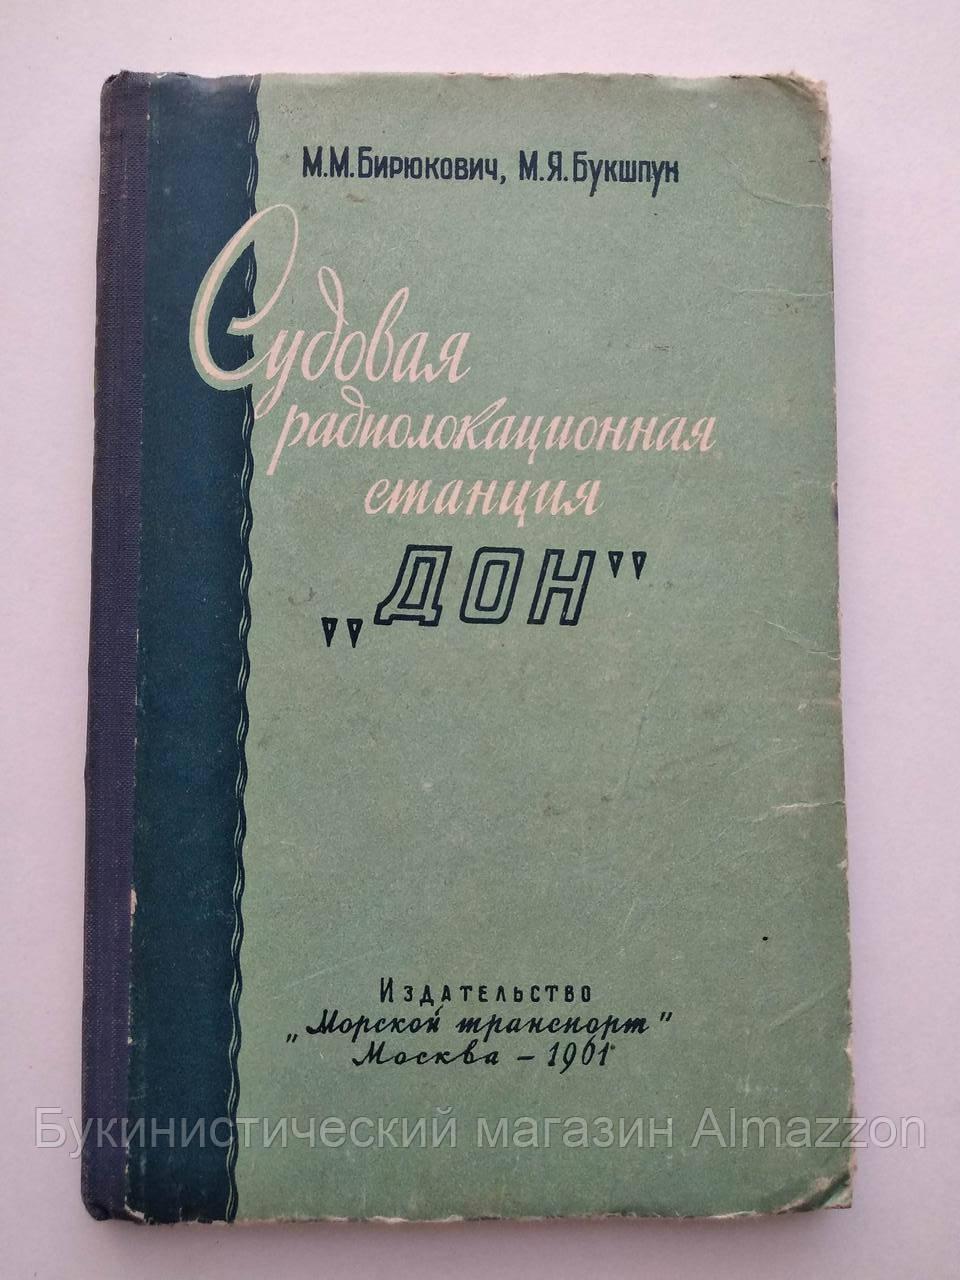 Судовая радиолокационная станция Дон М.Бирюкович Морской транспорт 1961 год